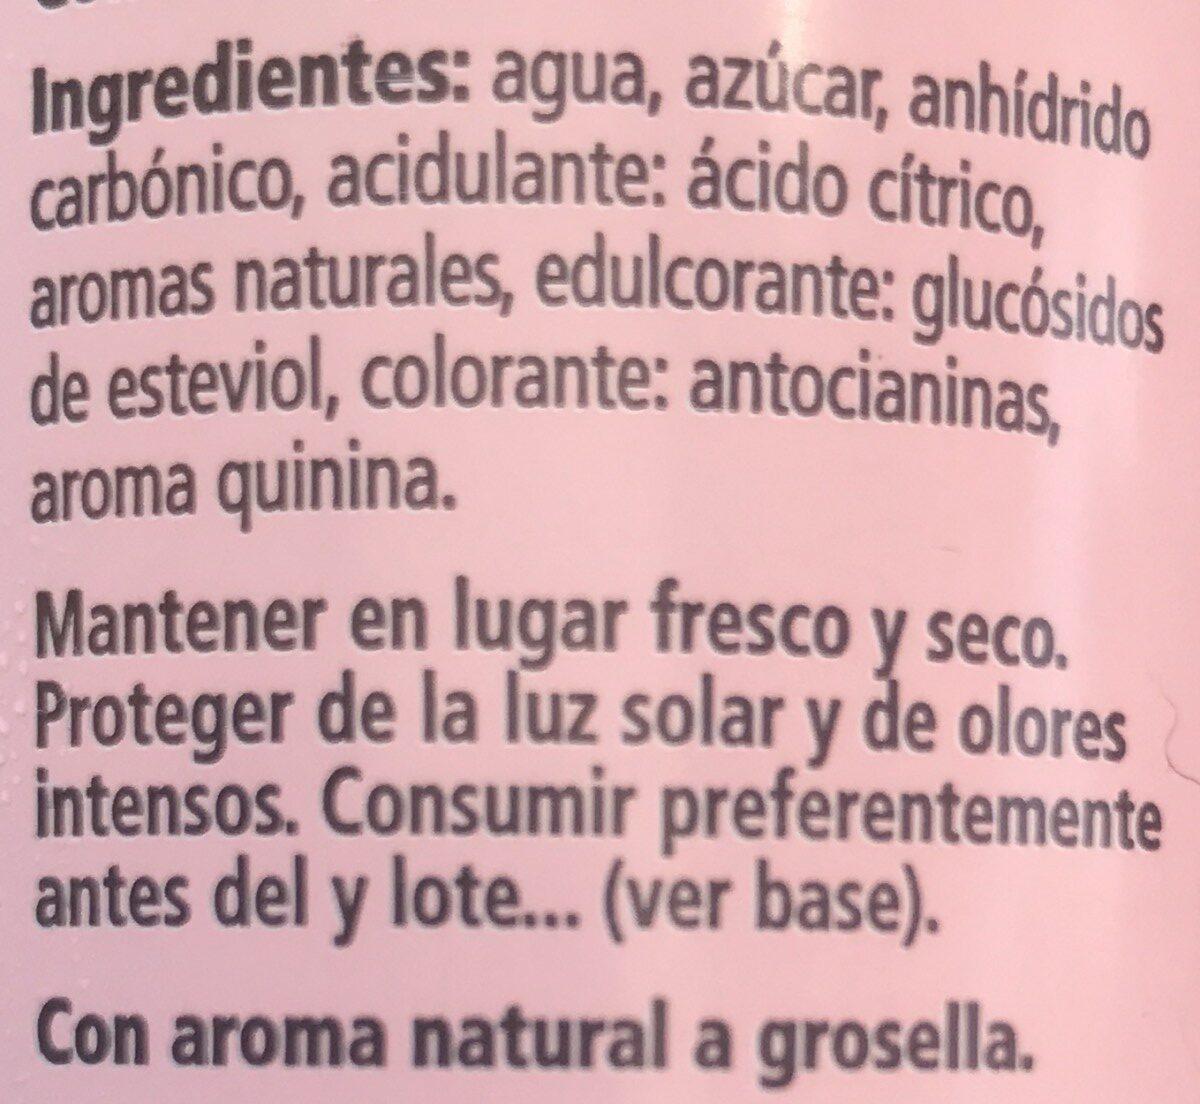 Tónica pink - Ingredientes - fr